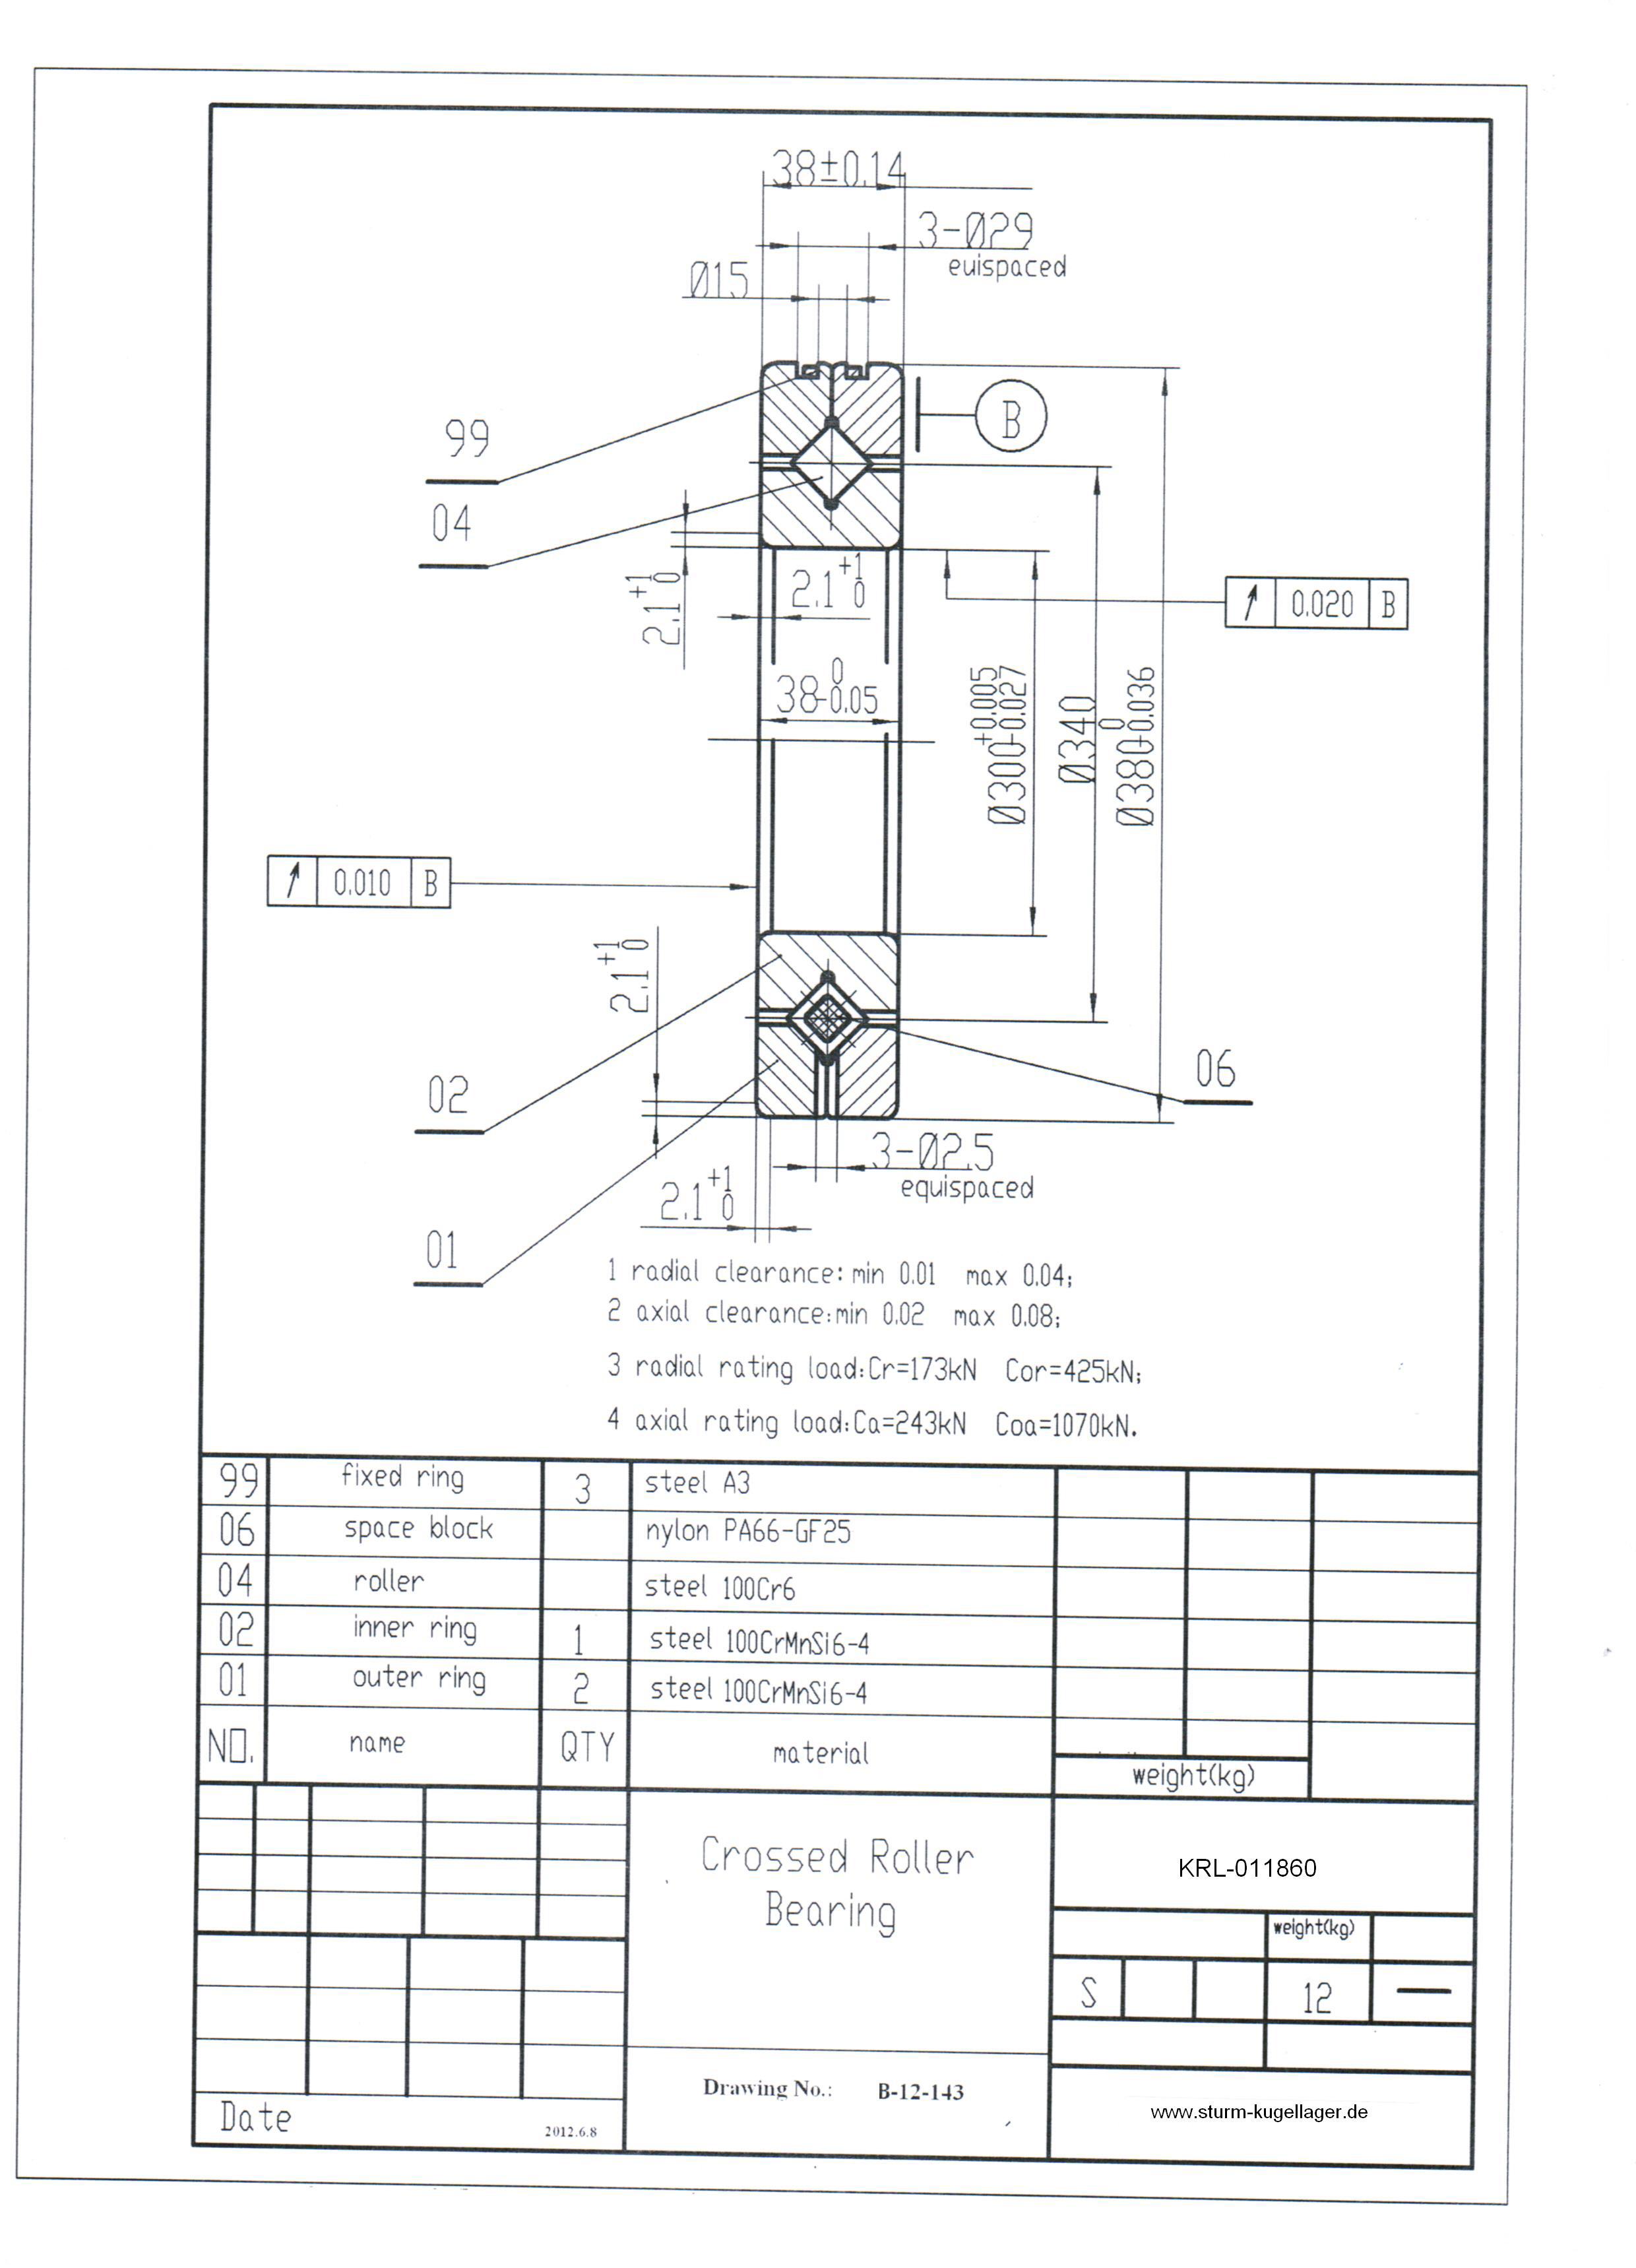 kreuzrollenlager krl 011860 krl 0118 unverzahnt. Black Bedroom Furniture Sets. Home Design Ideas